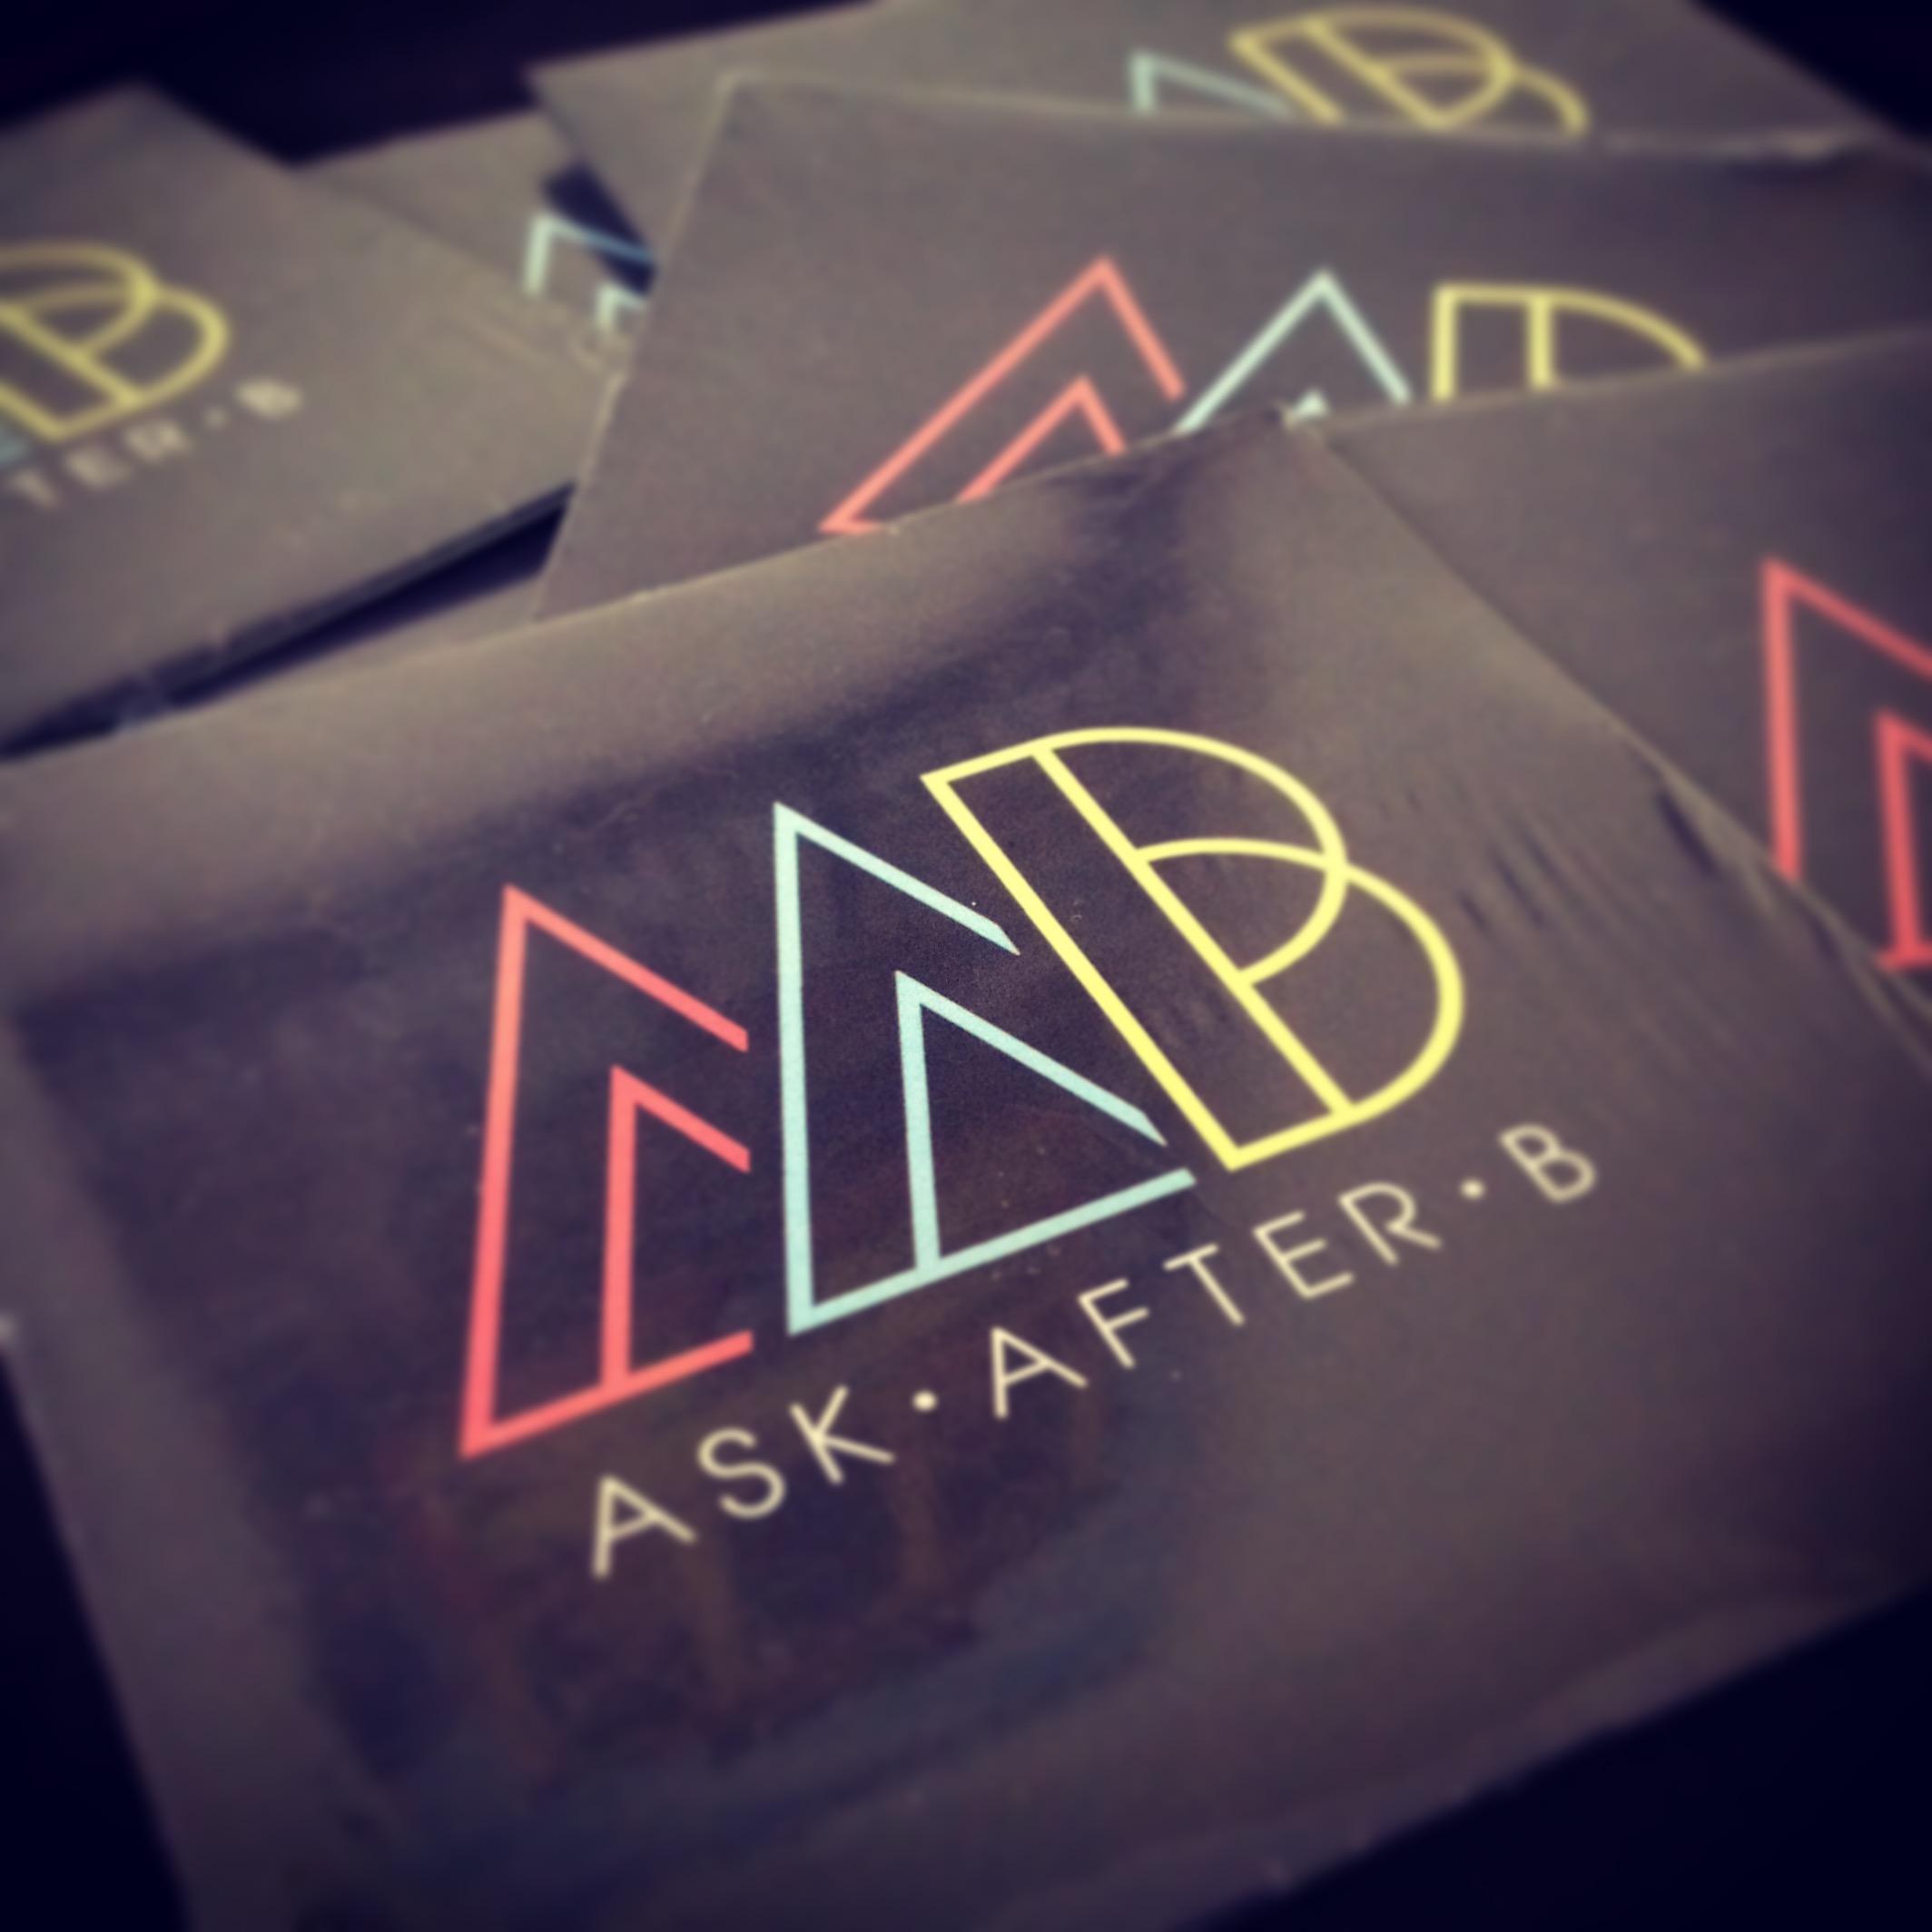 merchandising_AAB-1465546108.JPG